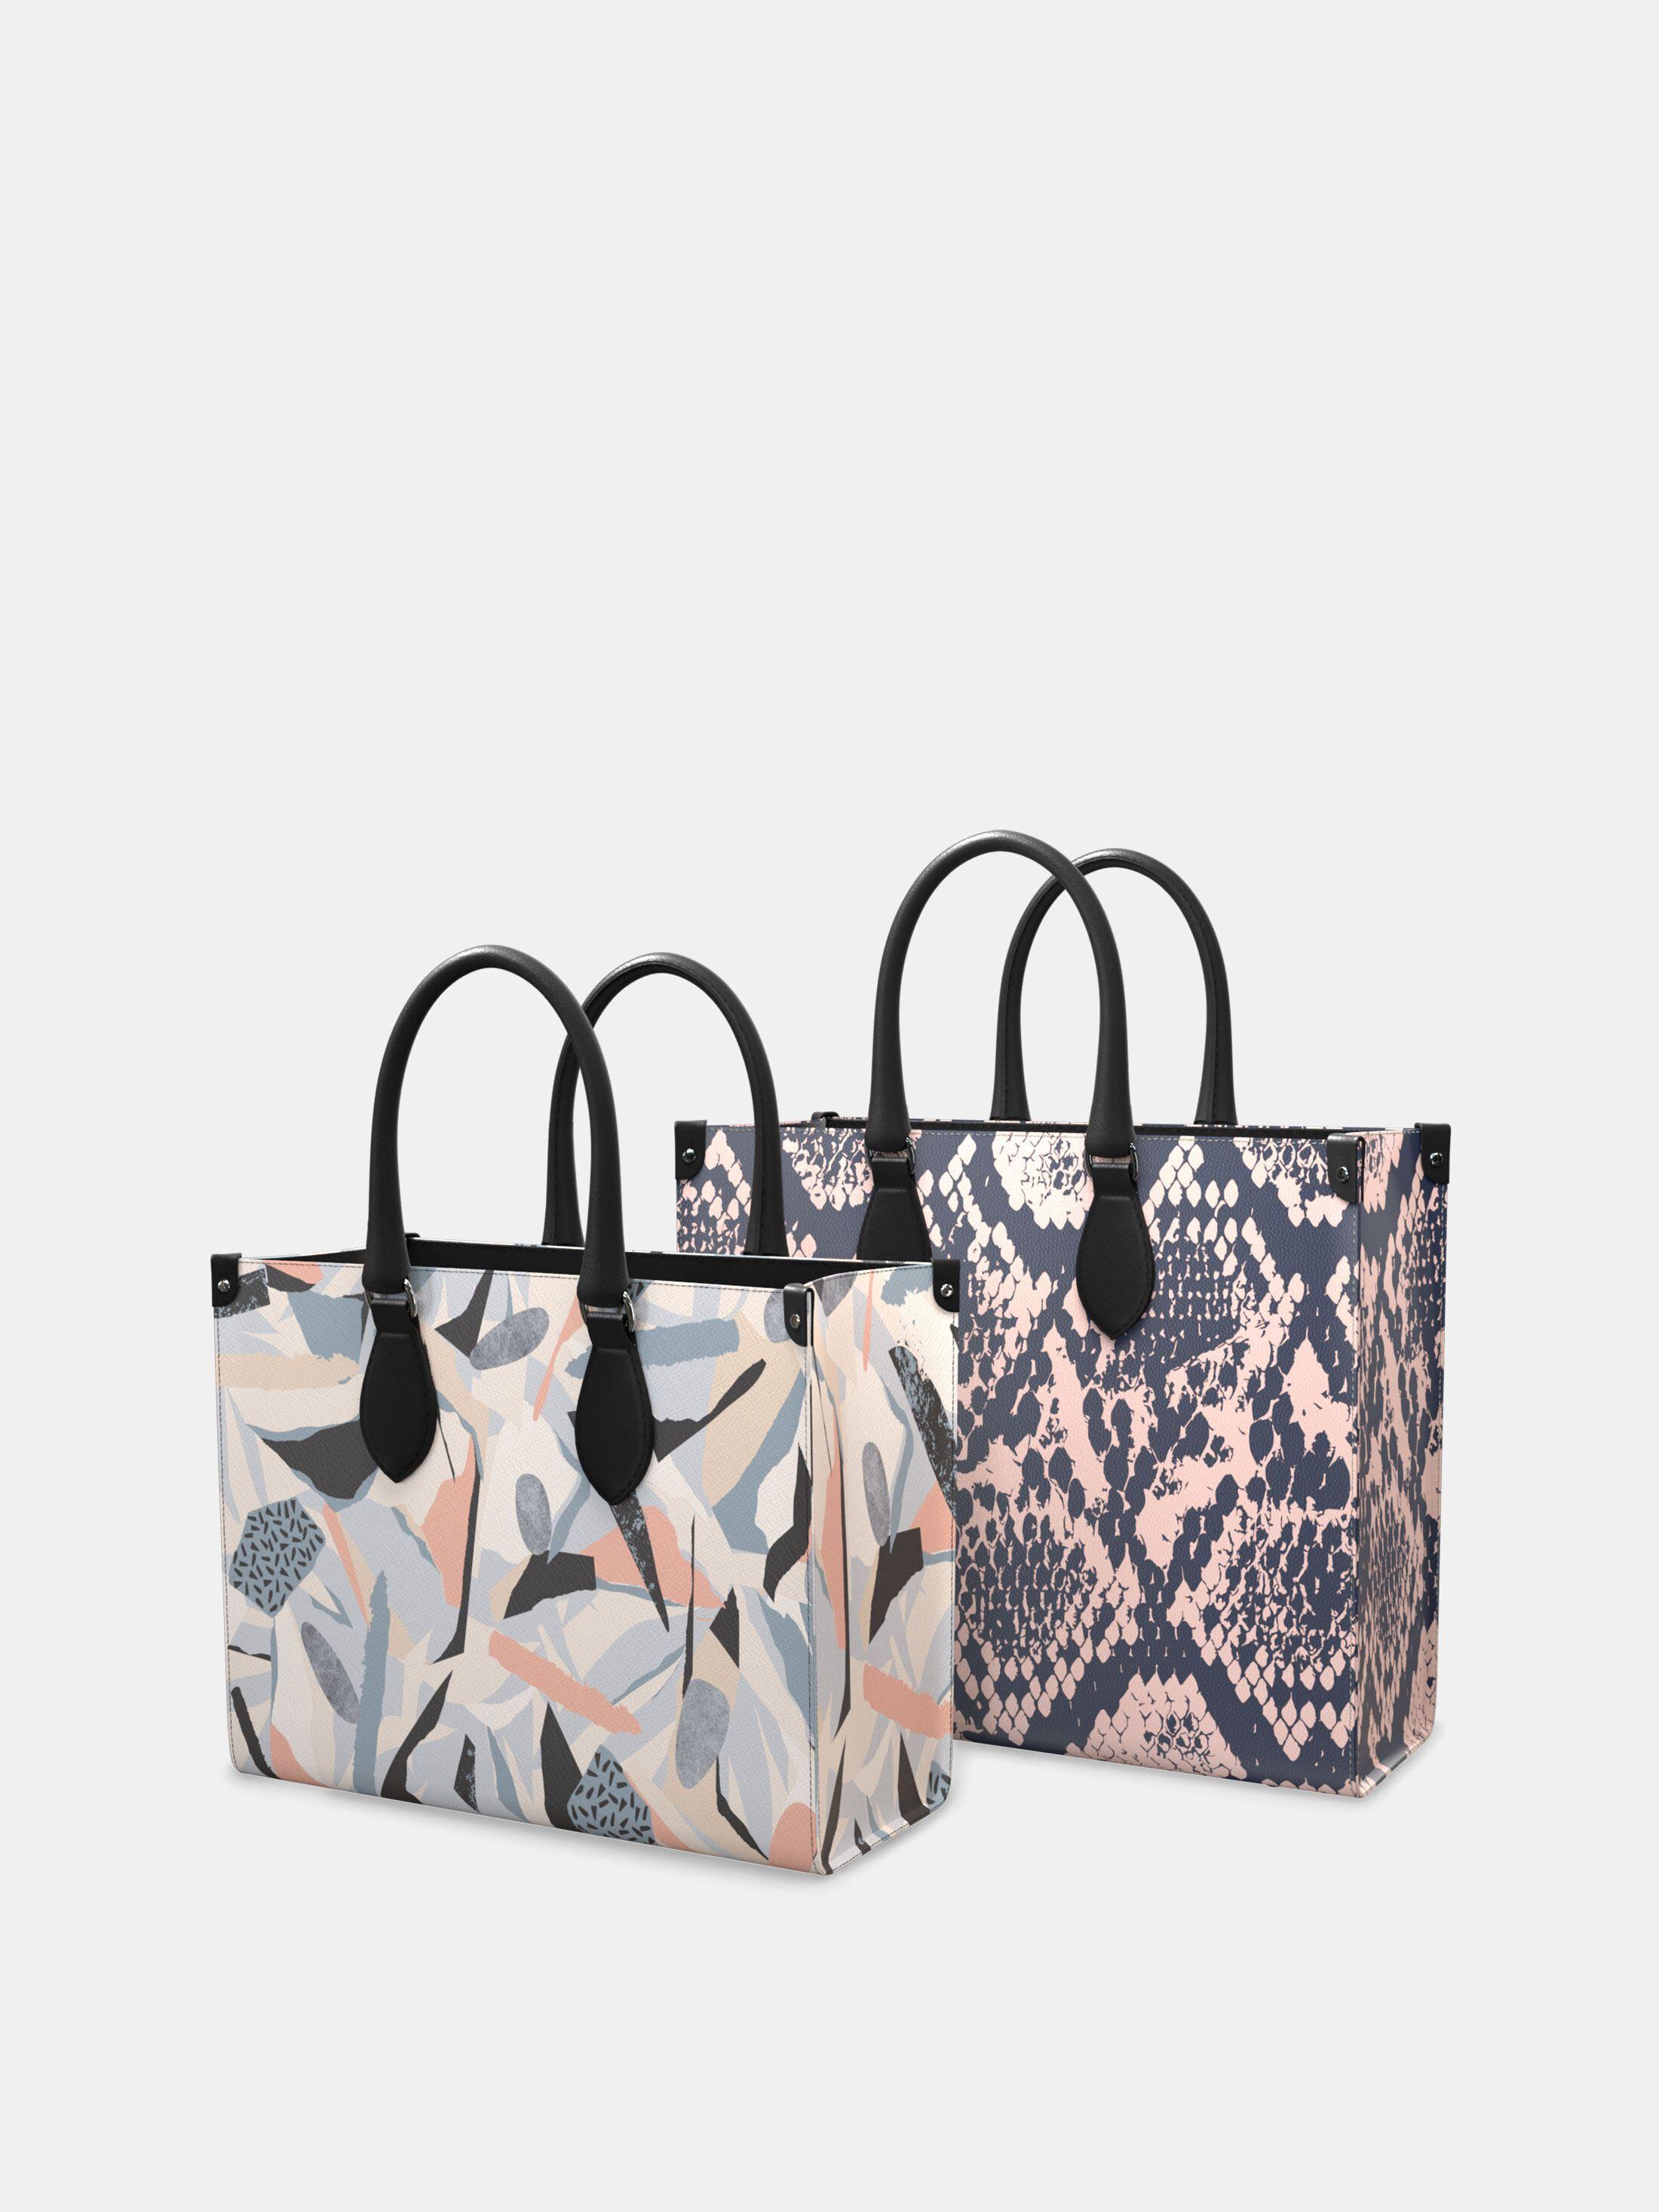 Shoppingtasche aus Leder designen